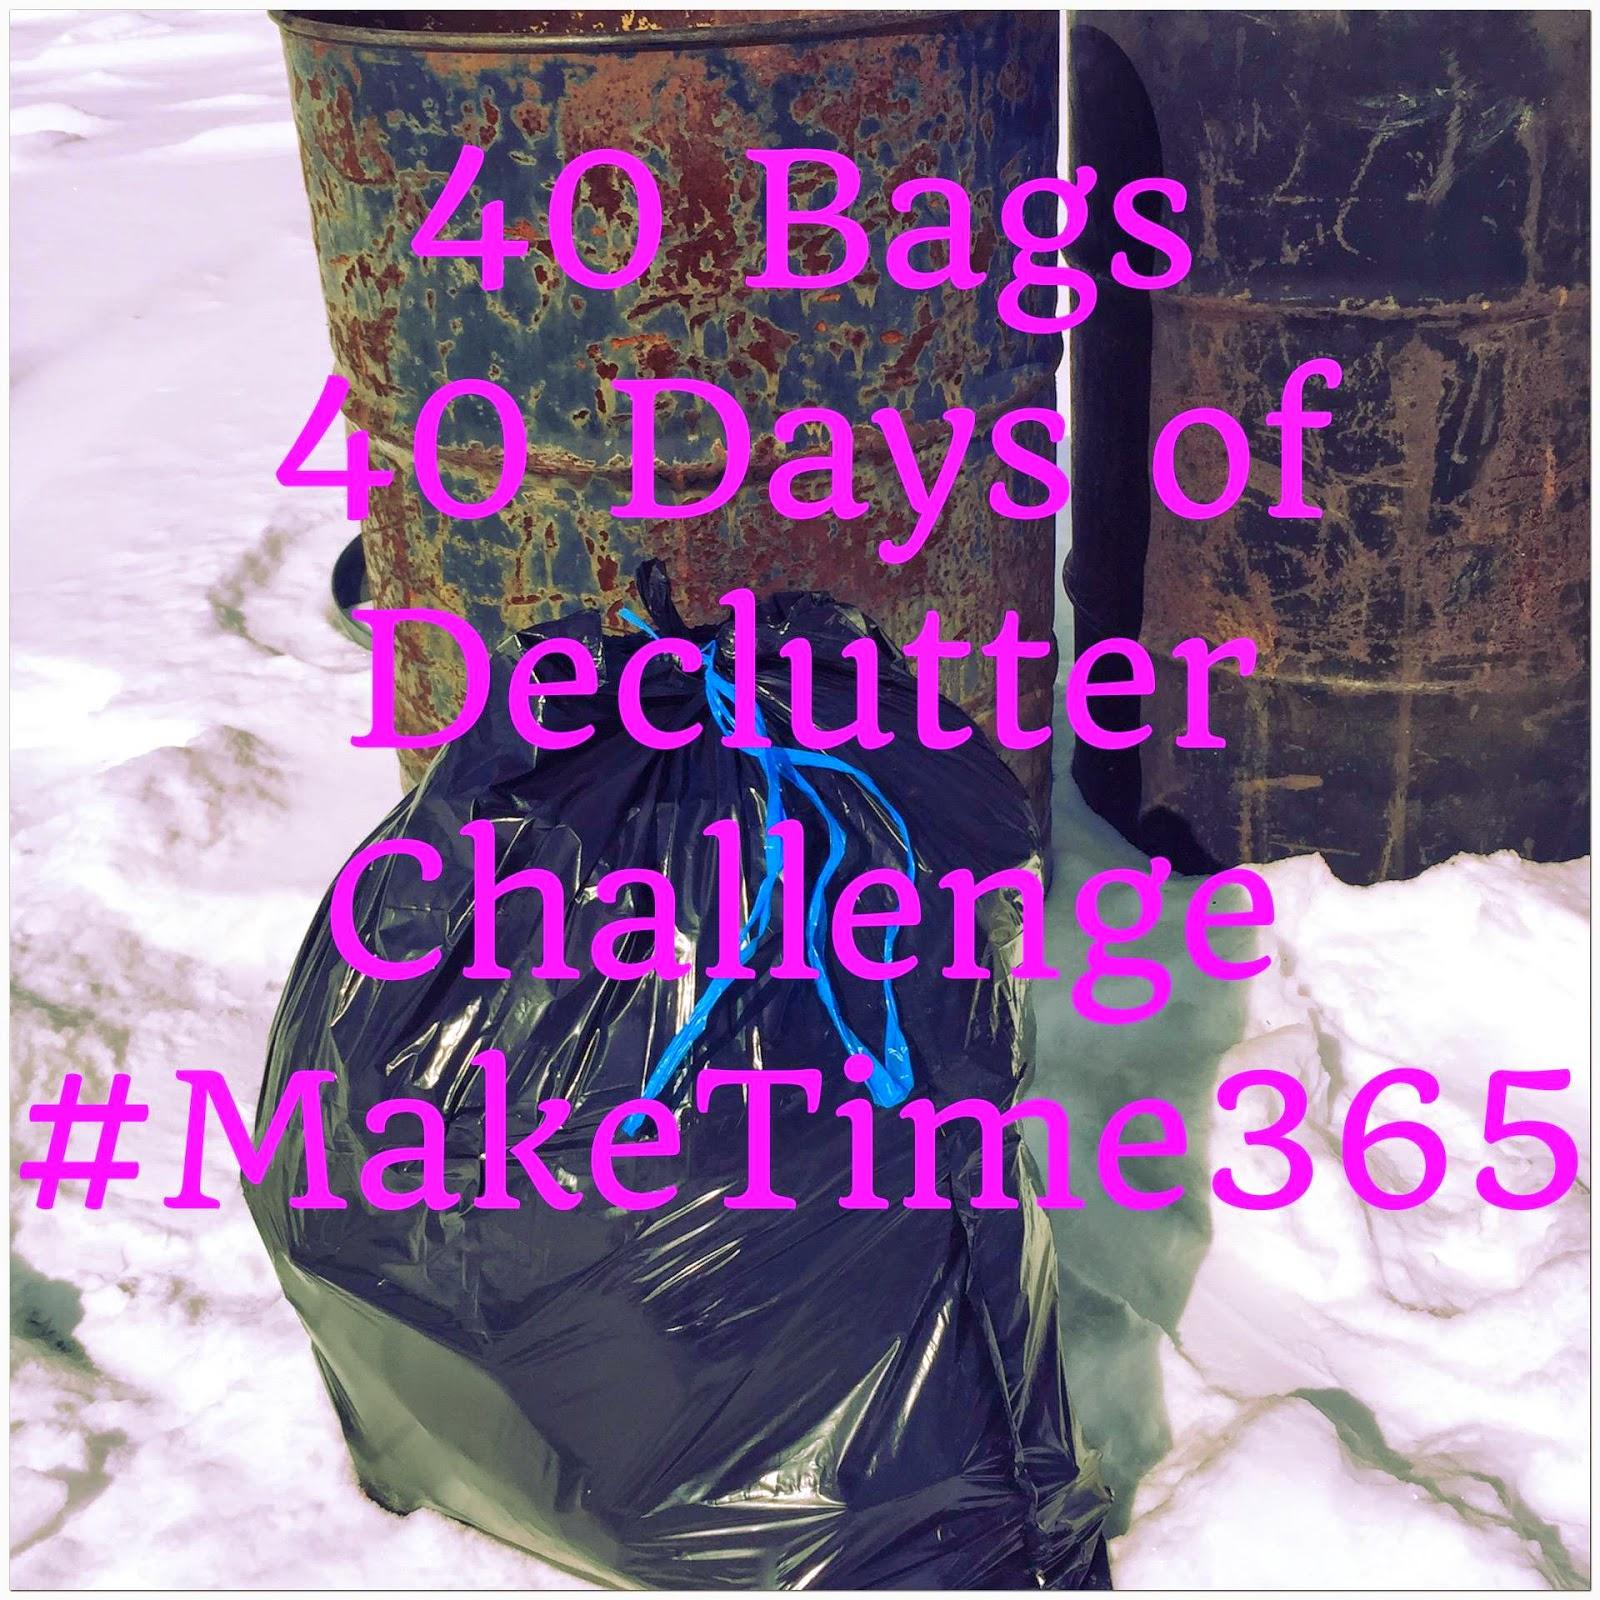 #maketime365